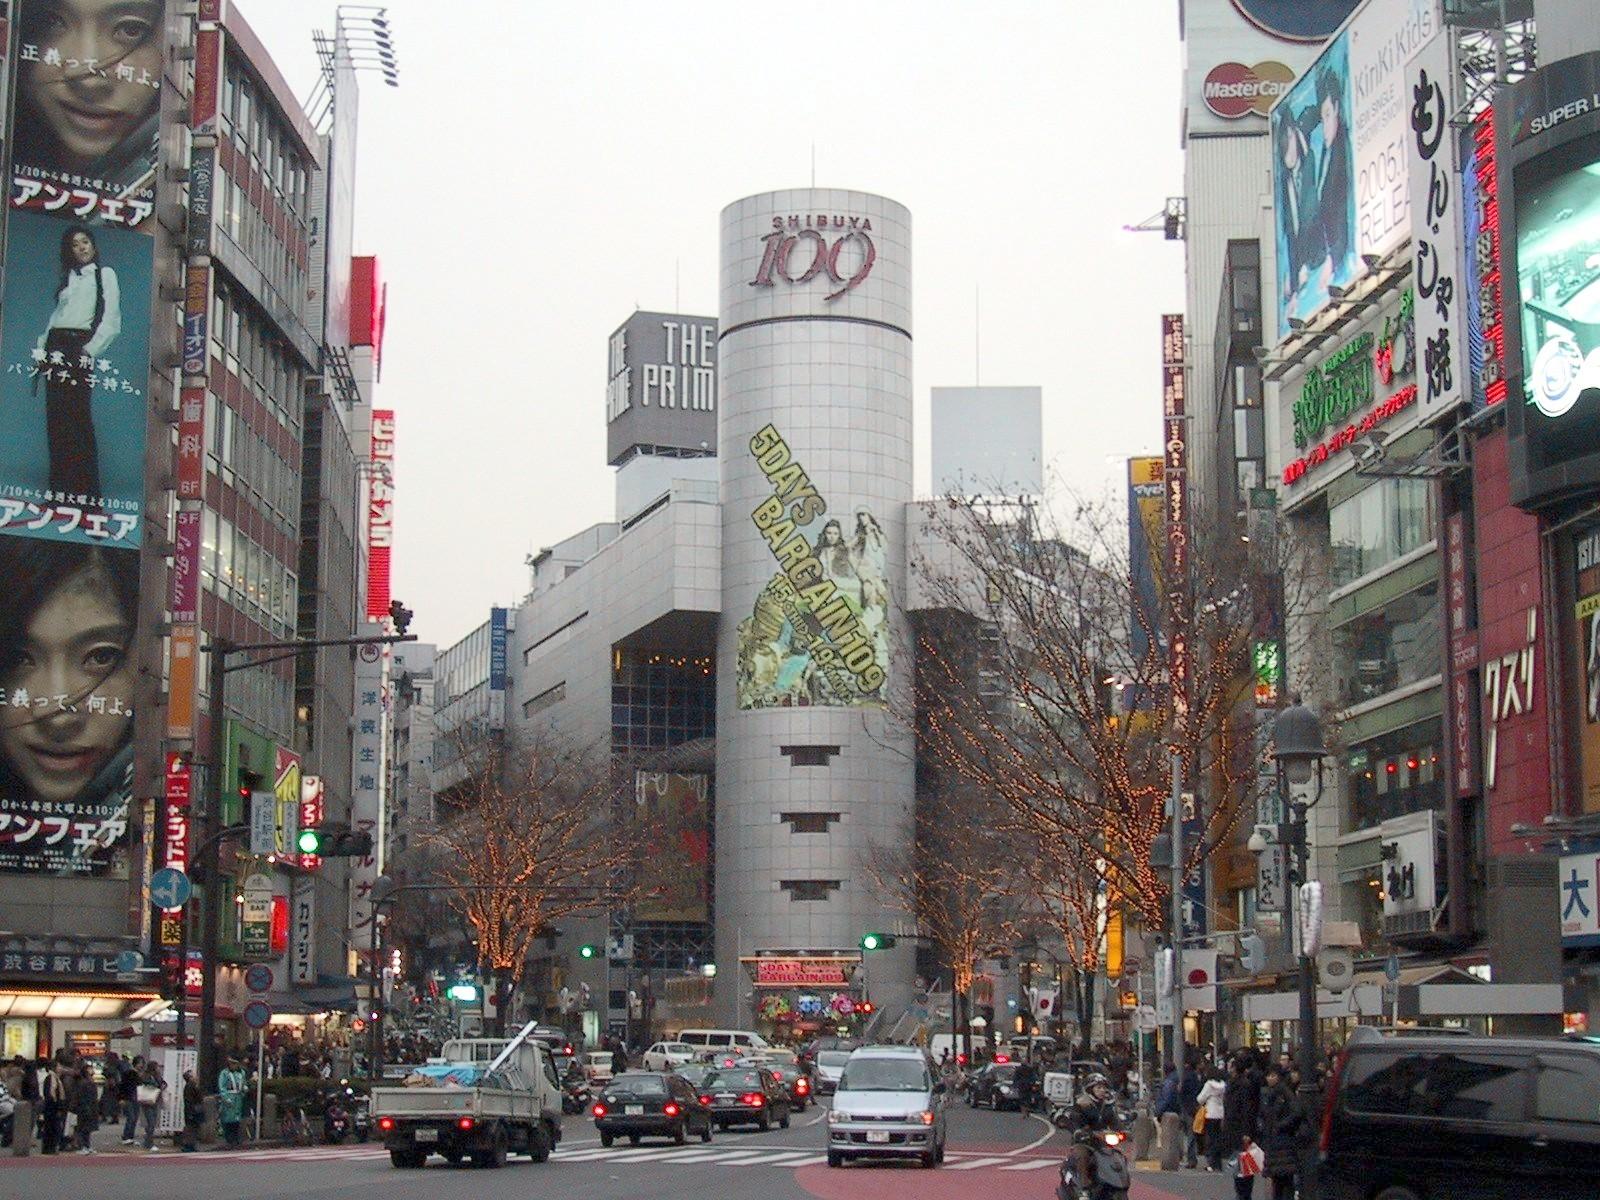 [Jeu] Apprendre à compter - Page 5 Shibuya_109_building_tokyo_january_2006